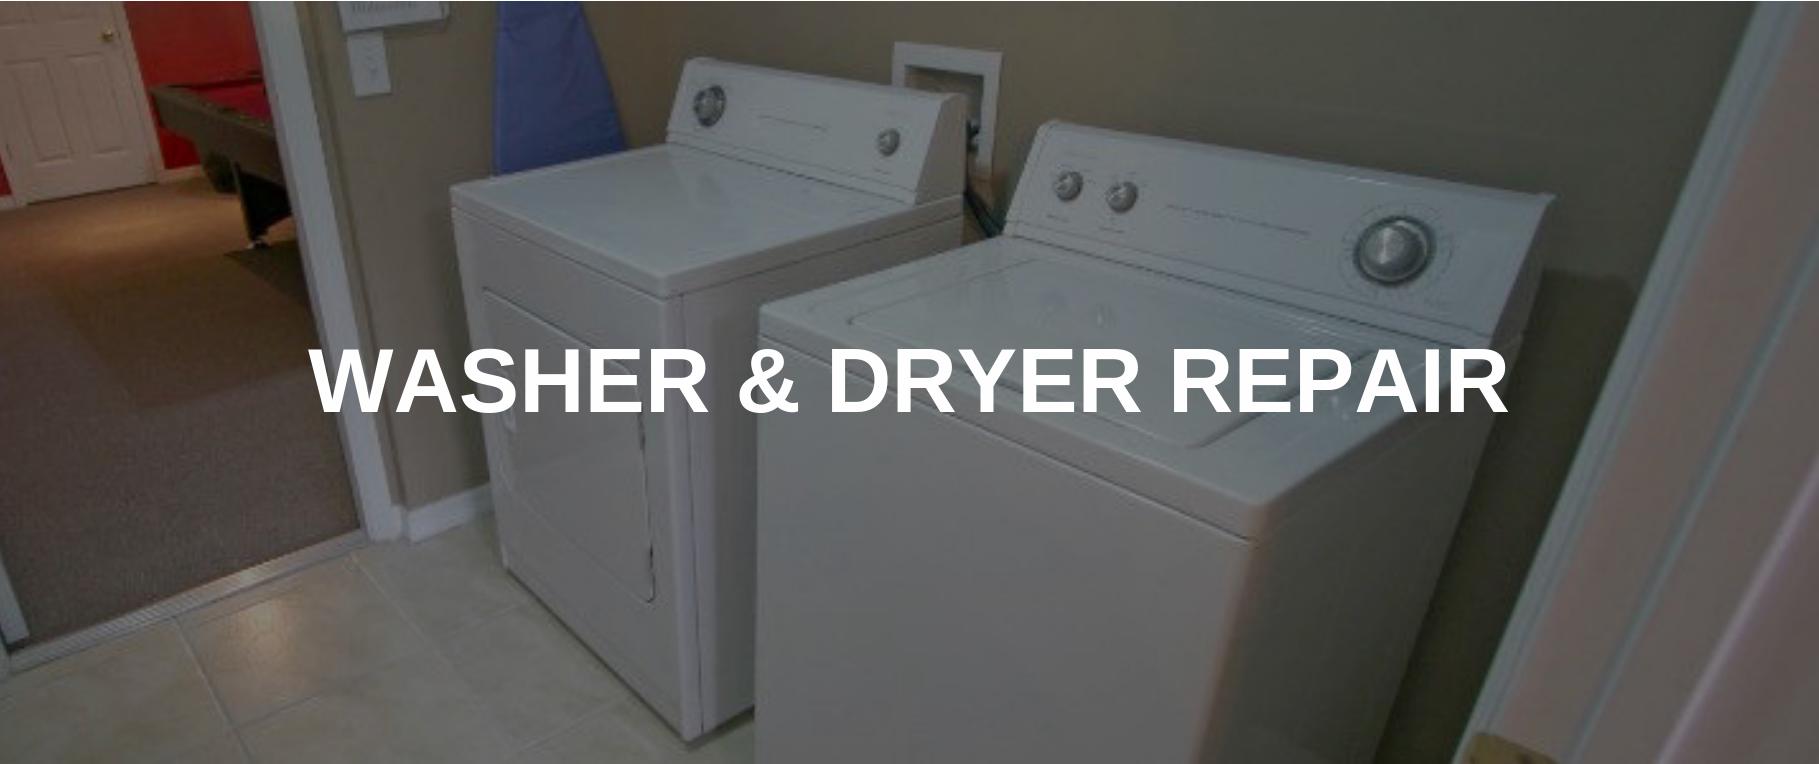 washing machine repair Cheshire